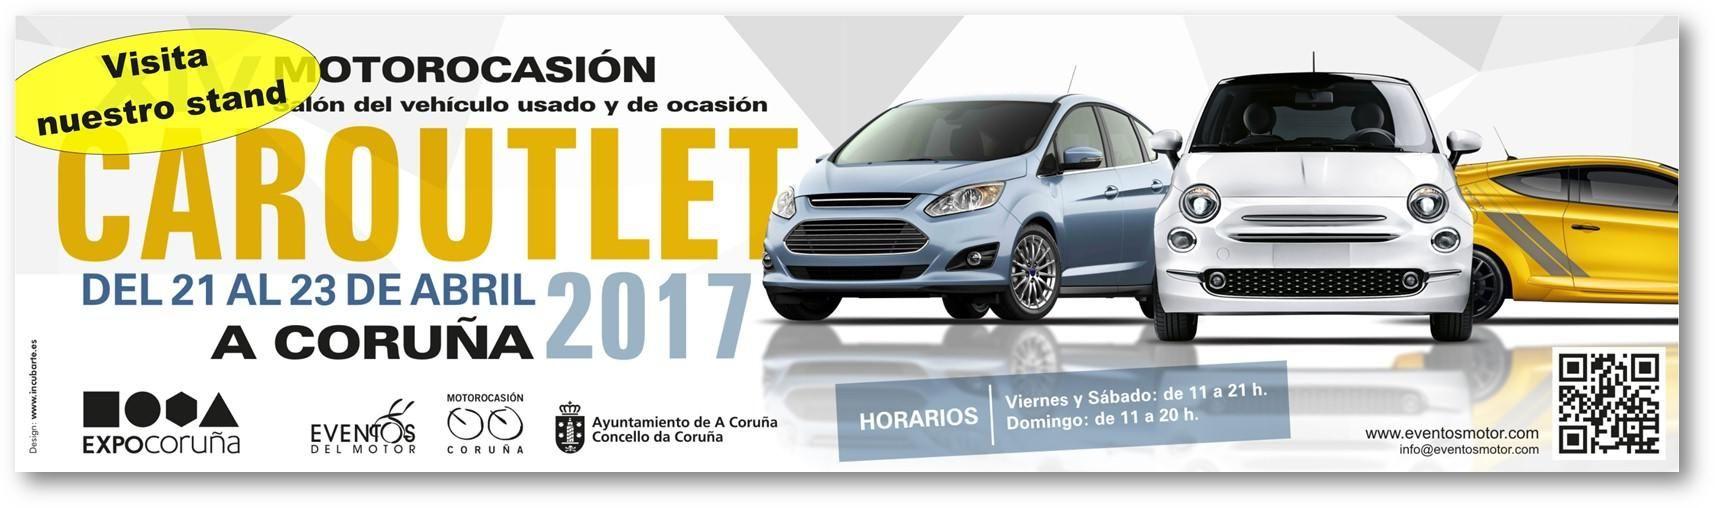 CORGAL AUTOMÓVILES ESTARÁ EN EL CAROUTLET ENTRE EL 21 Y EL 23 DE ABRIL DEL 2017